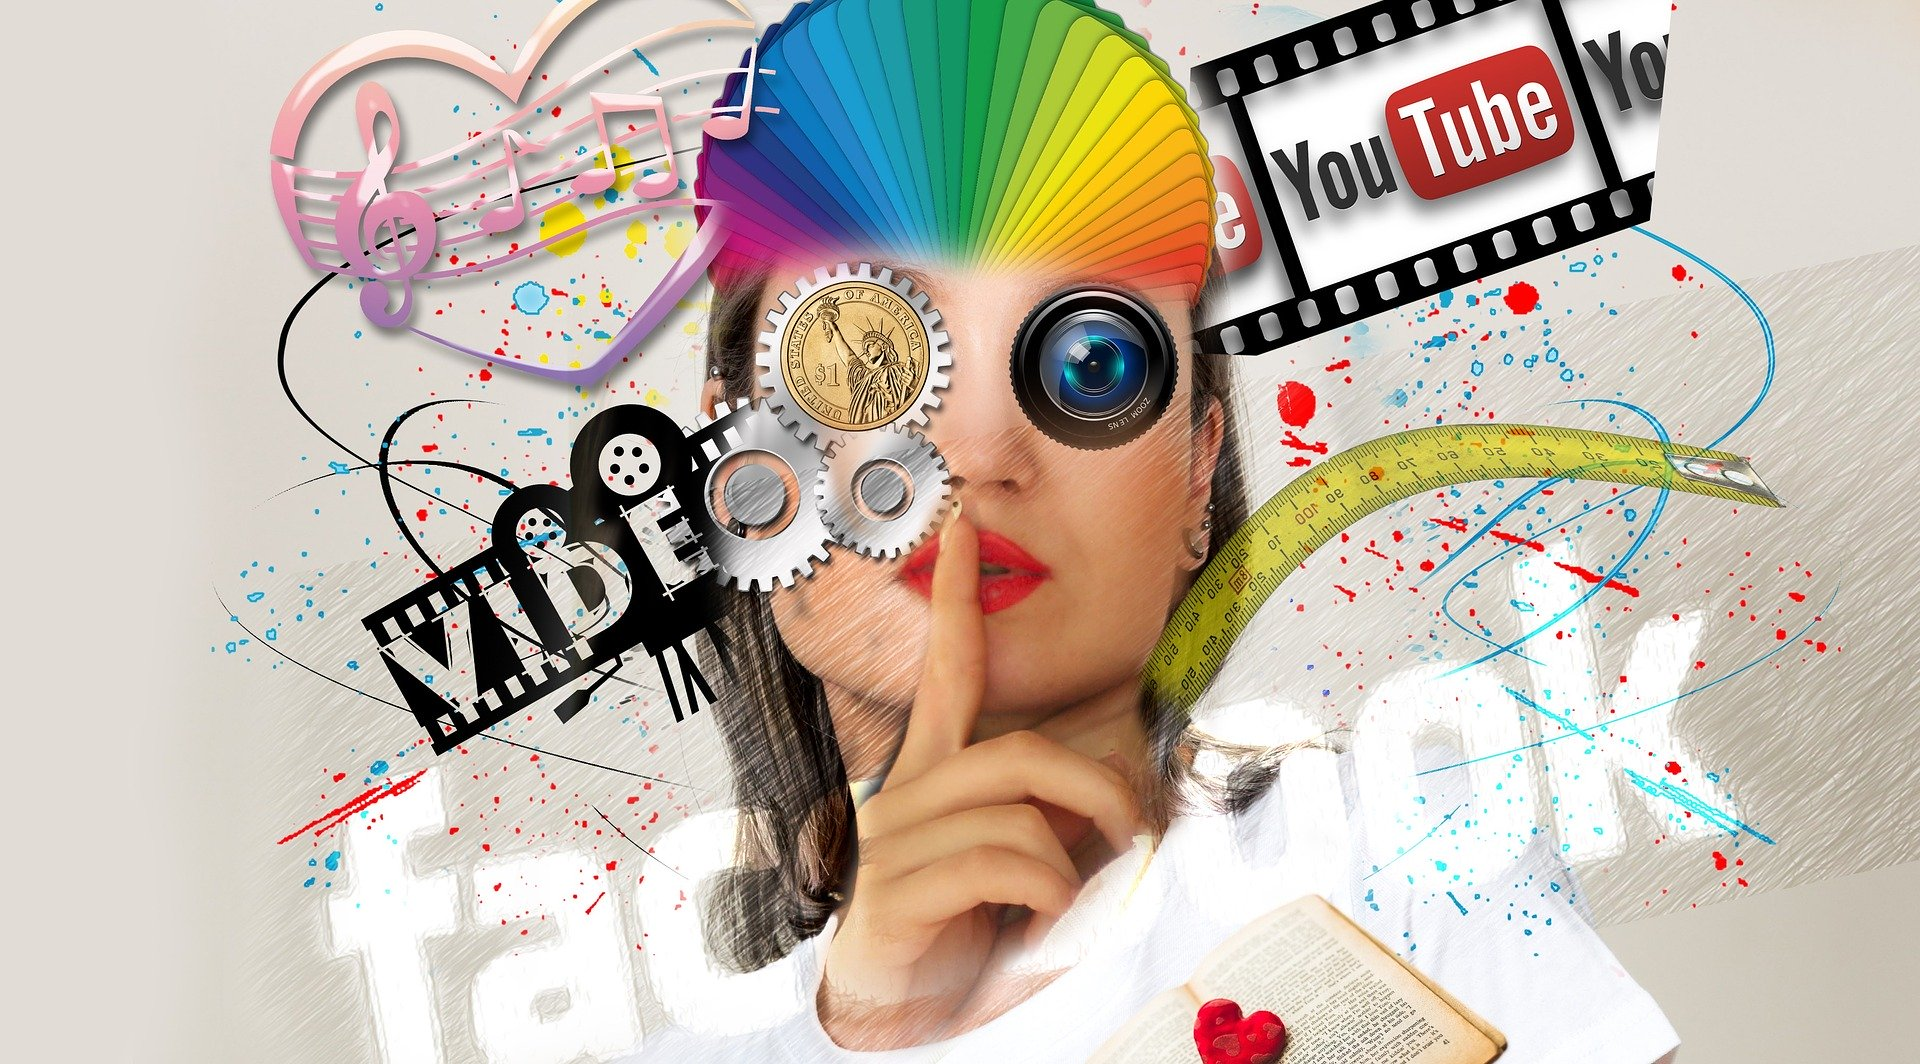 Convencer e converter compradores através do marketing pela mídia social